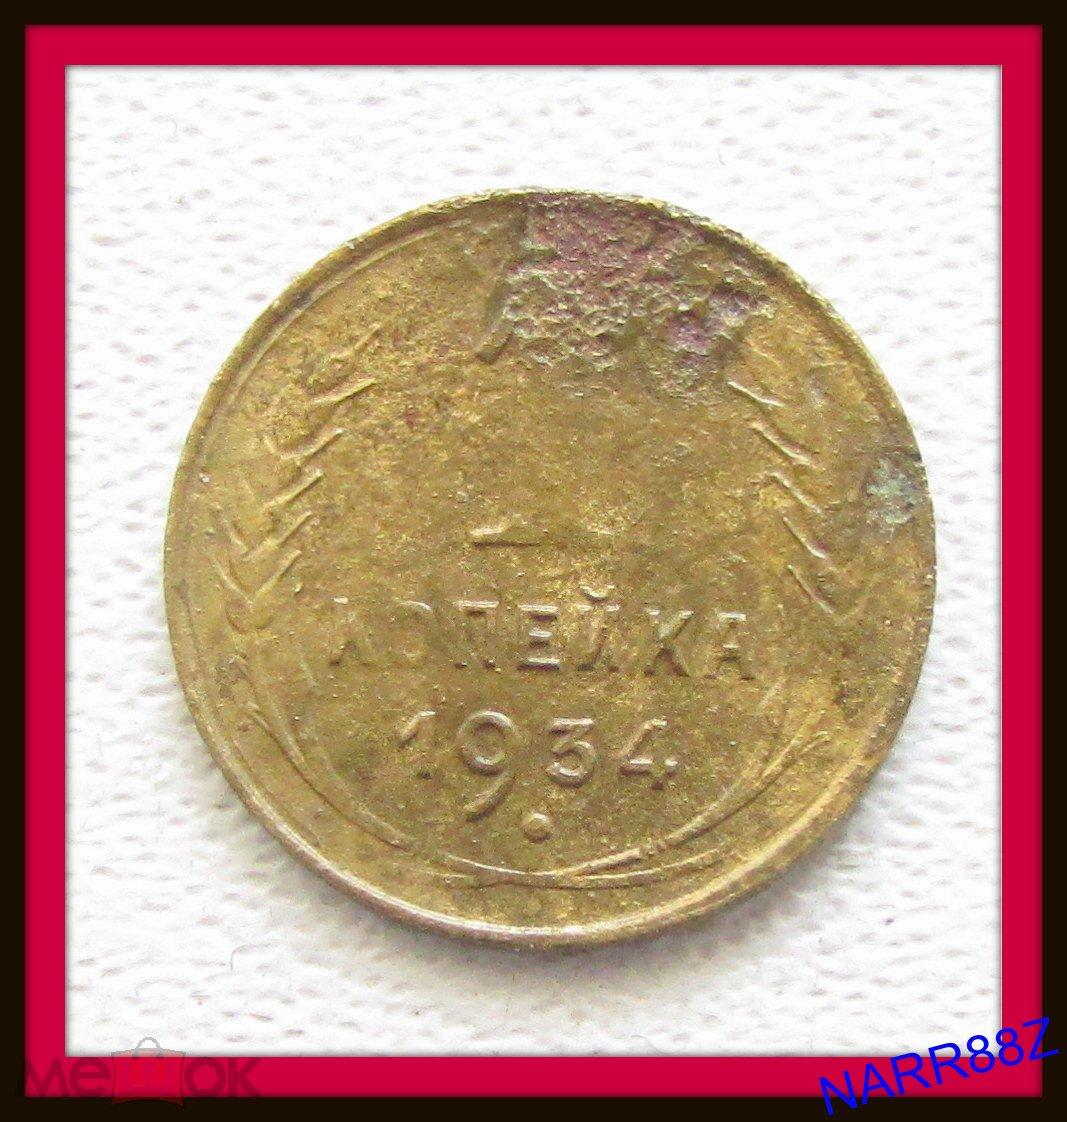 1 копейка 1934 год - НЕмыта и НЕчищена - G-128